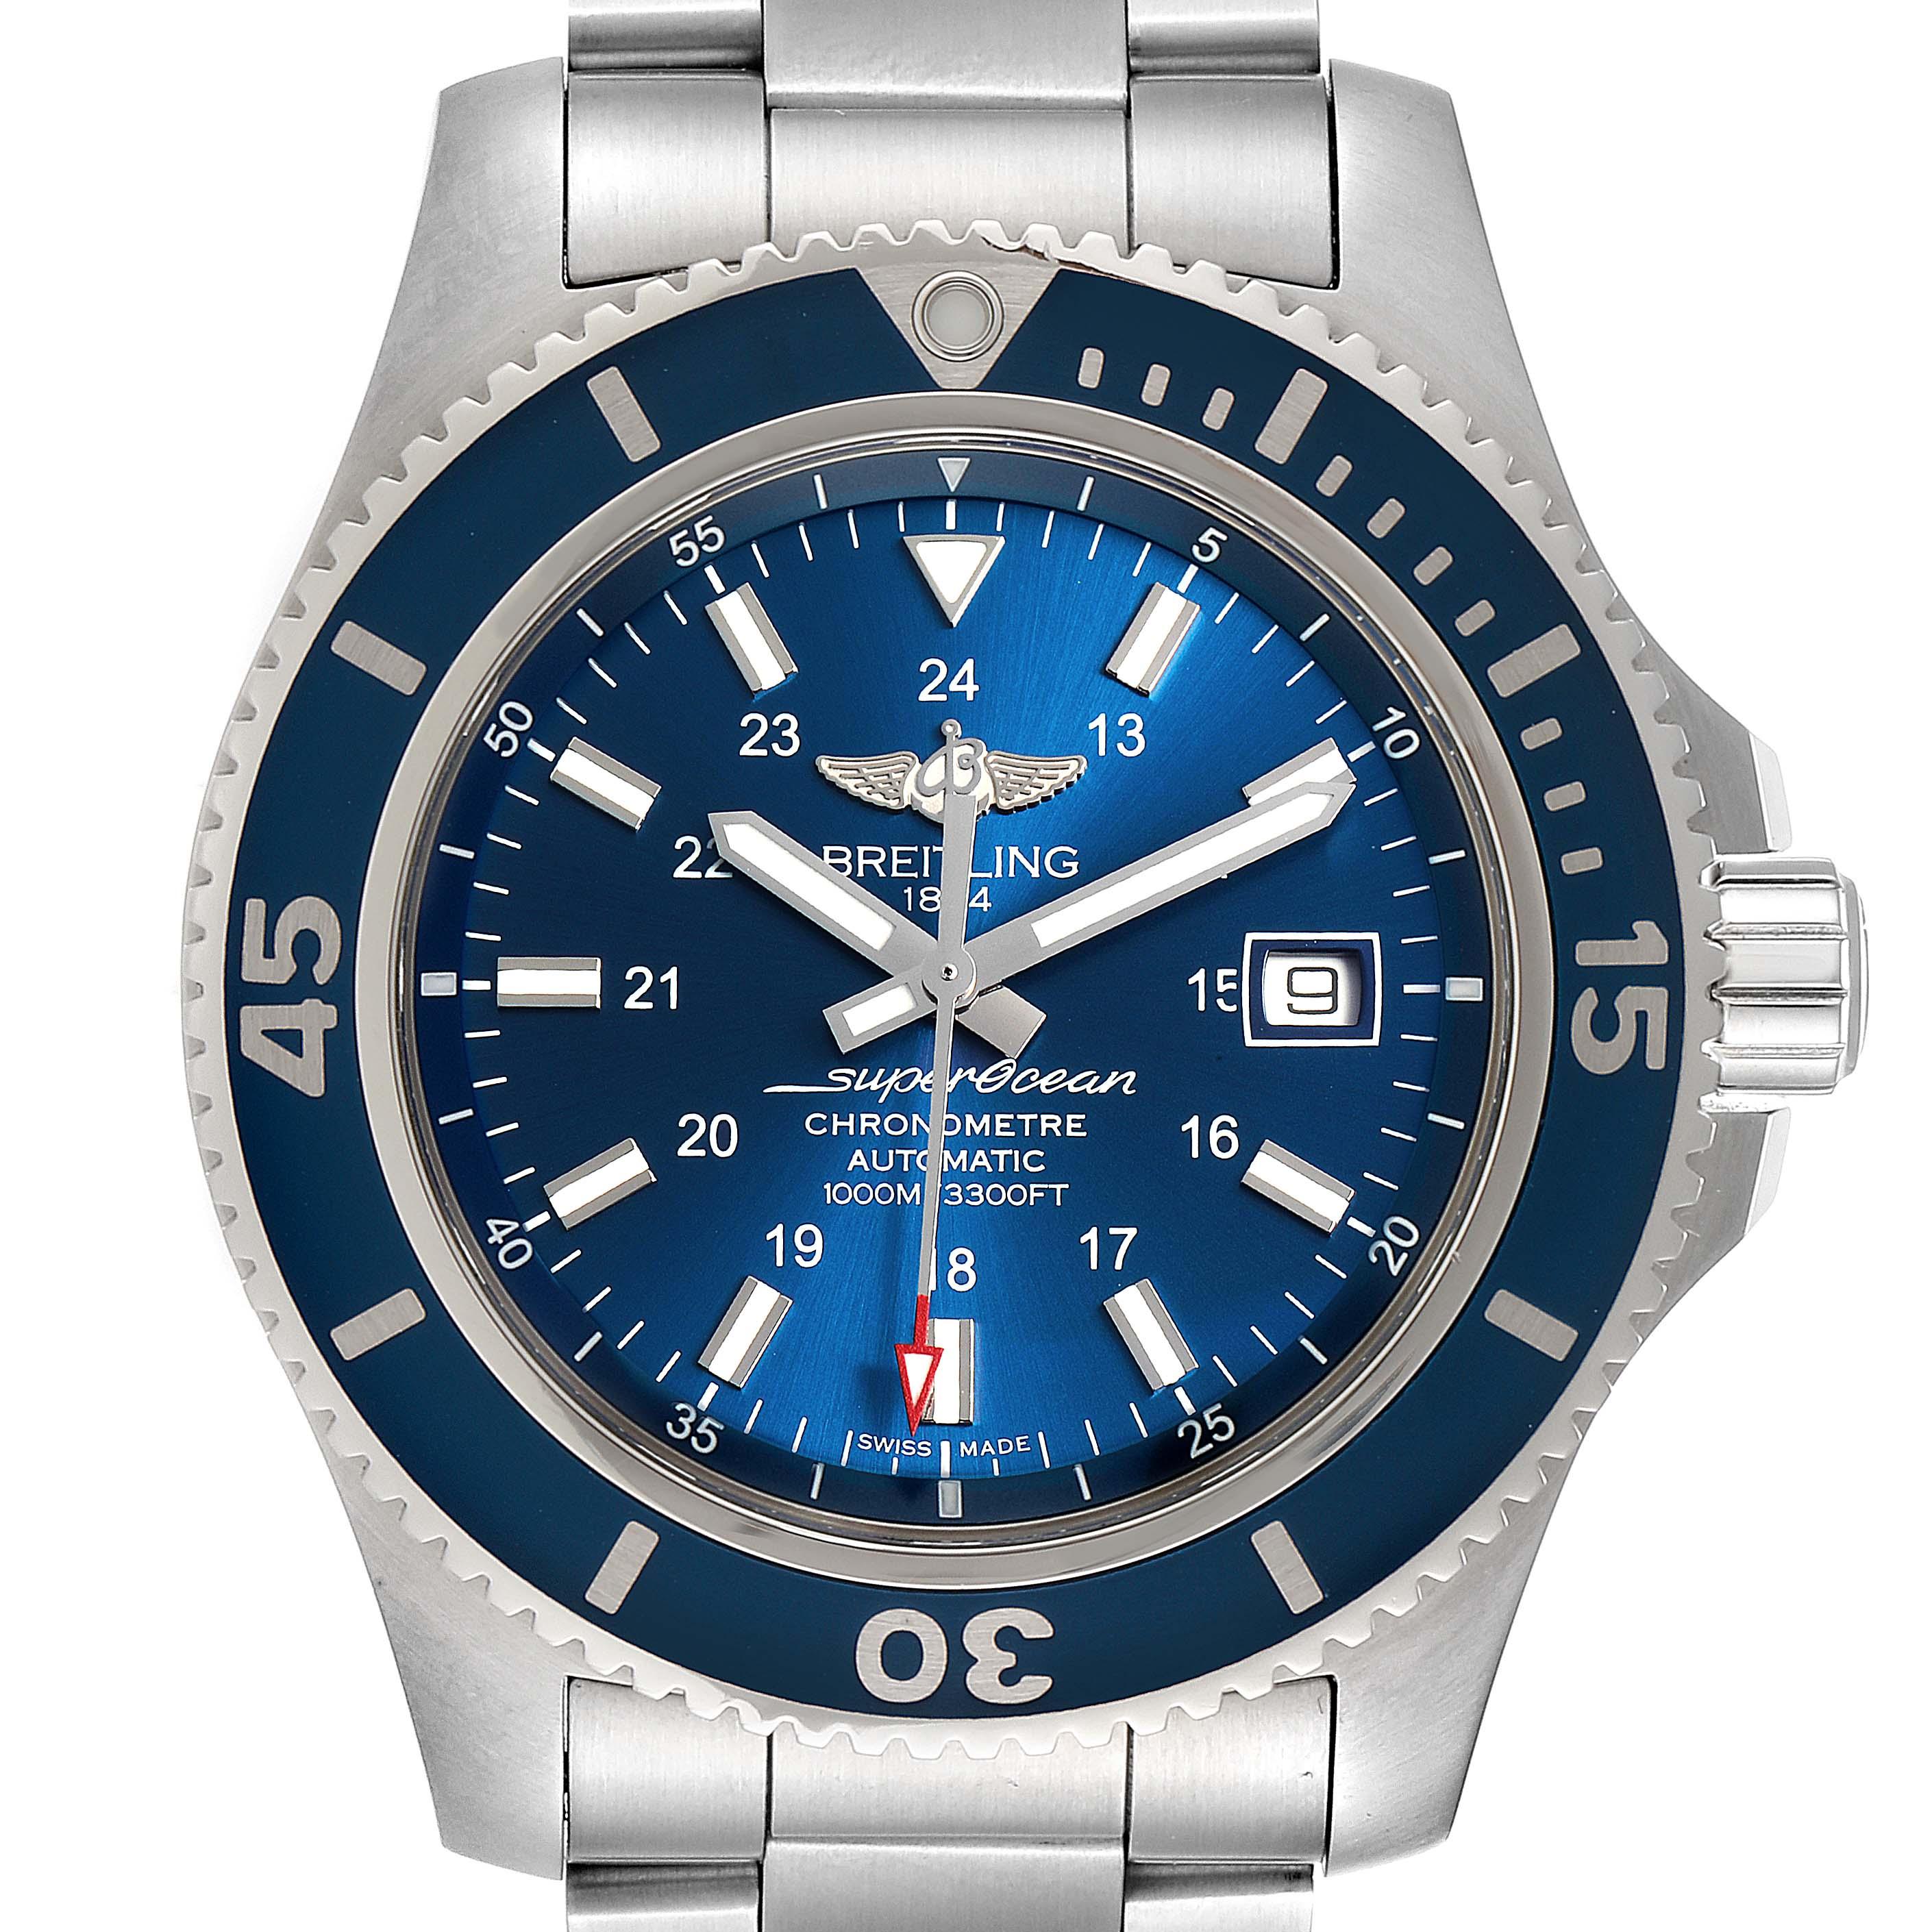 Photo of Breitling Superocean II 44 Gun Blue Dial Mens Watch A17392 Box Card